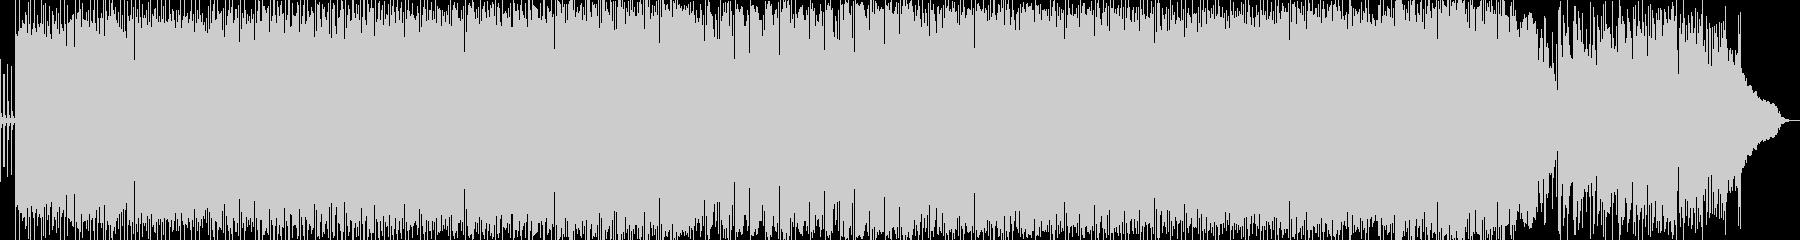 クールなヘビーメタル系ロックの未再生の波形